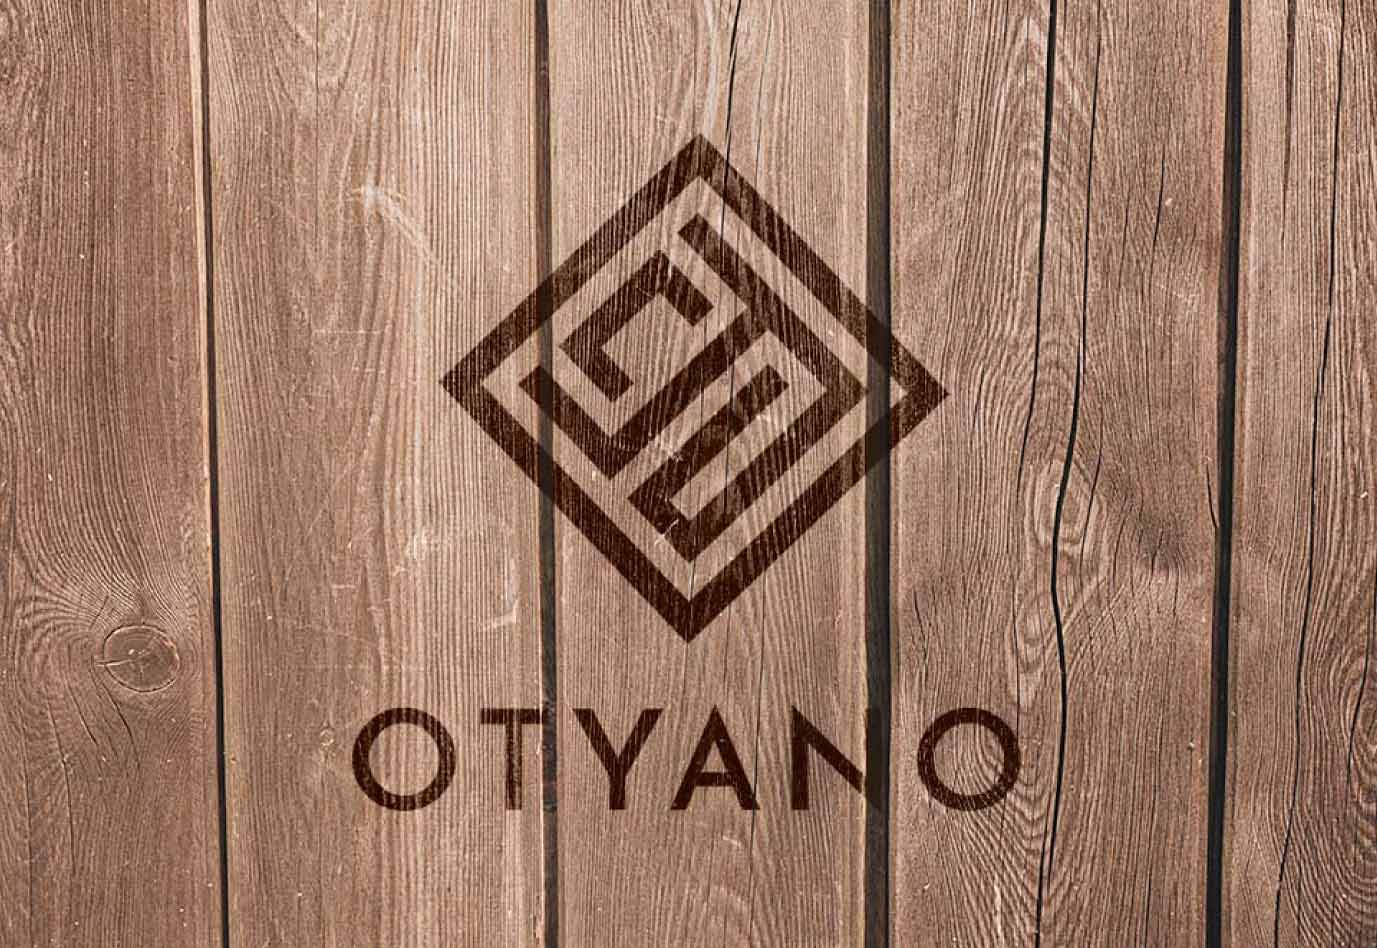 logo-otyano-agence de communication -vuenova